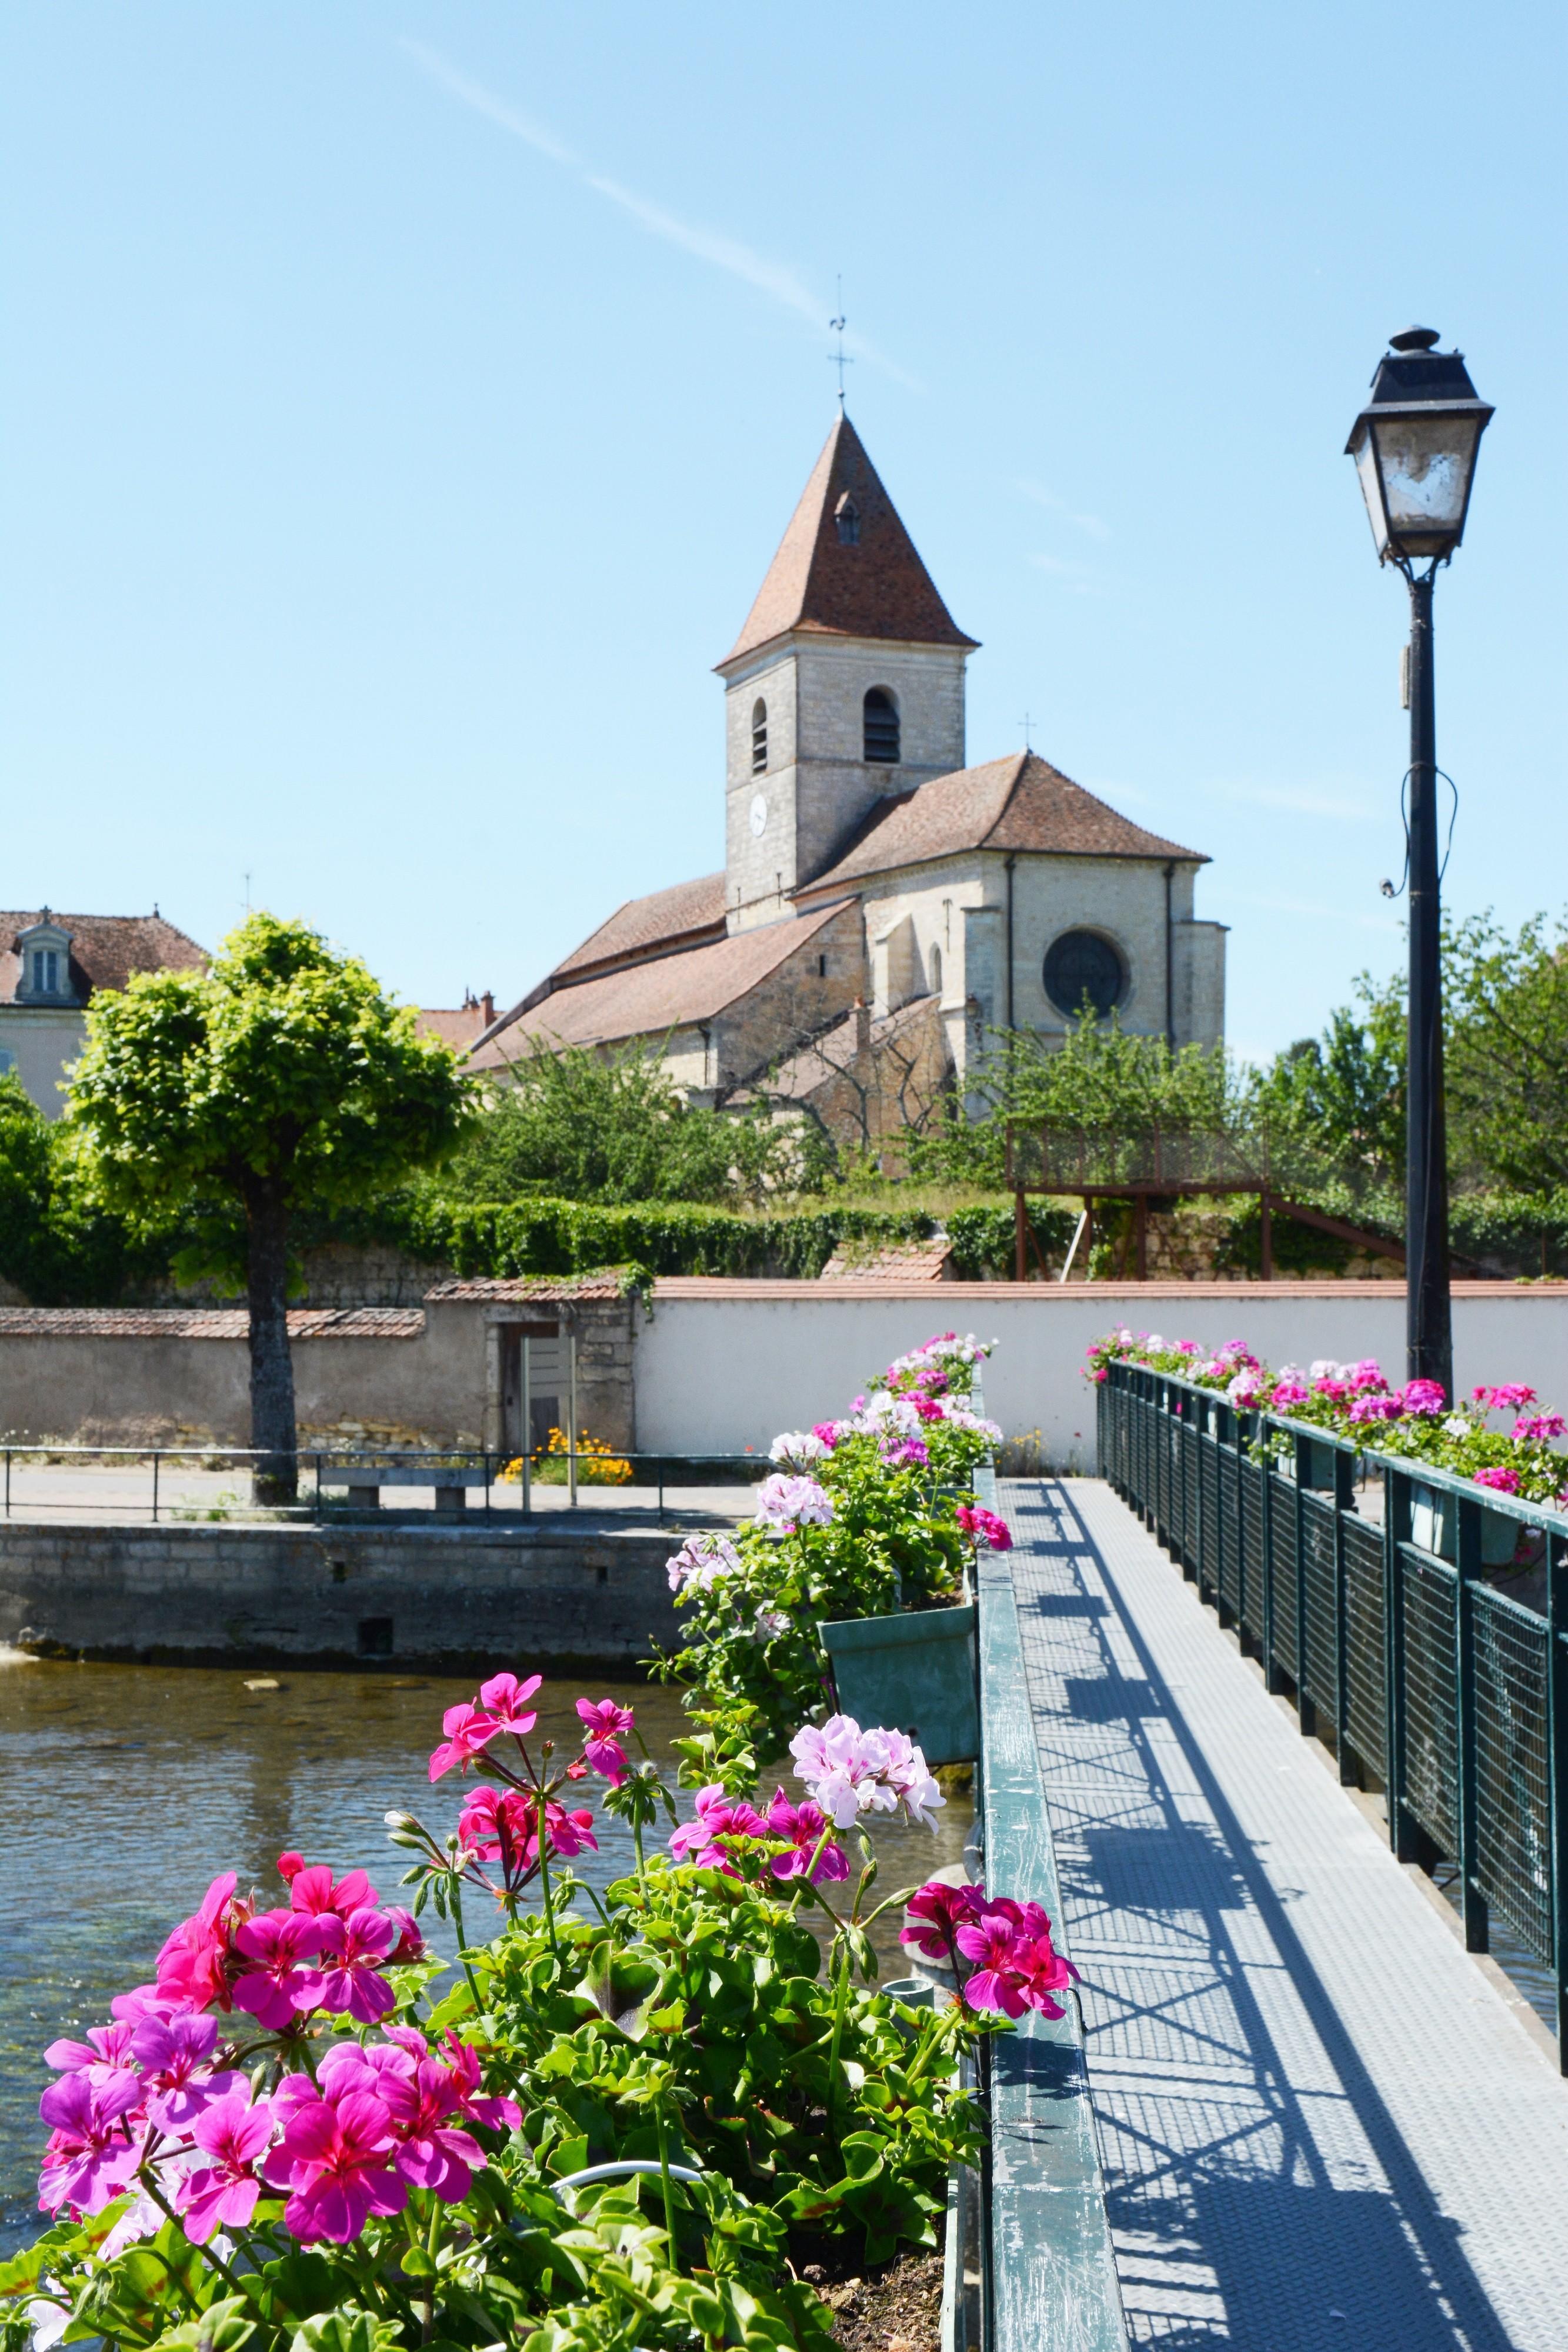 La passerelle de Mirebeau-sur-Bèze ©R. Krebel